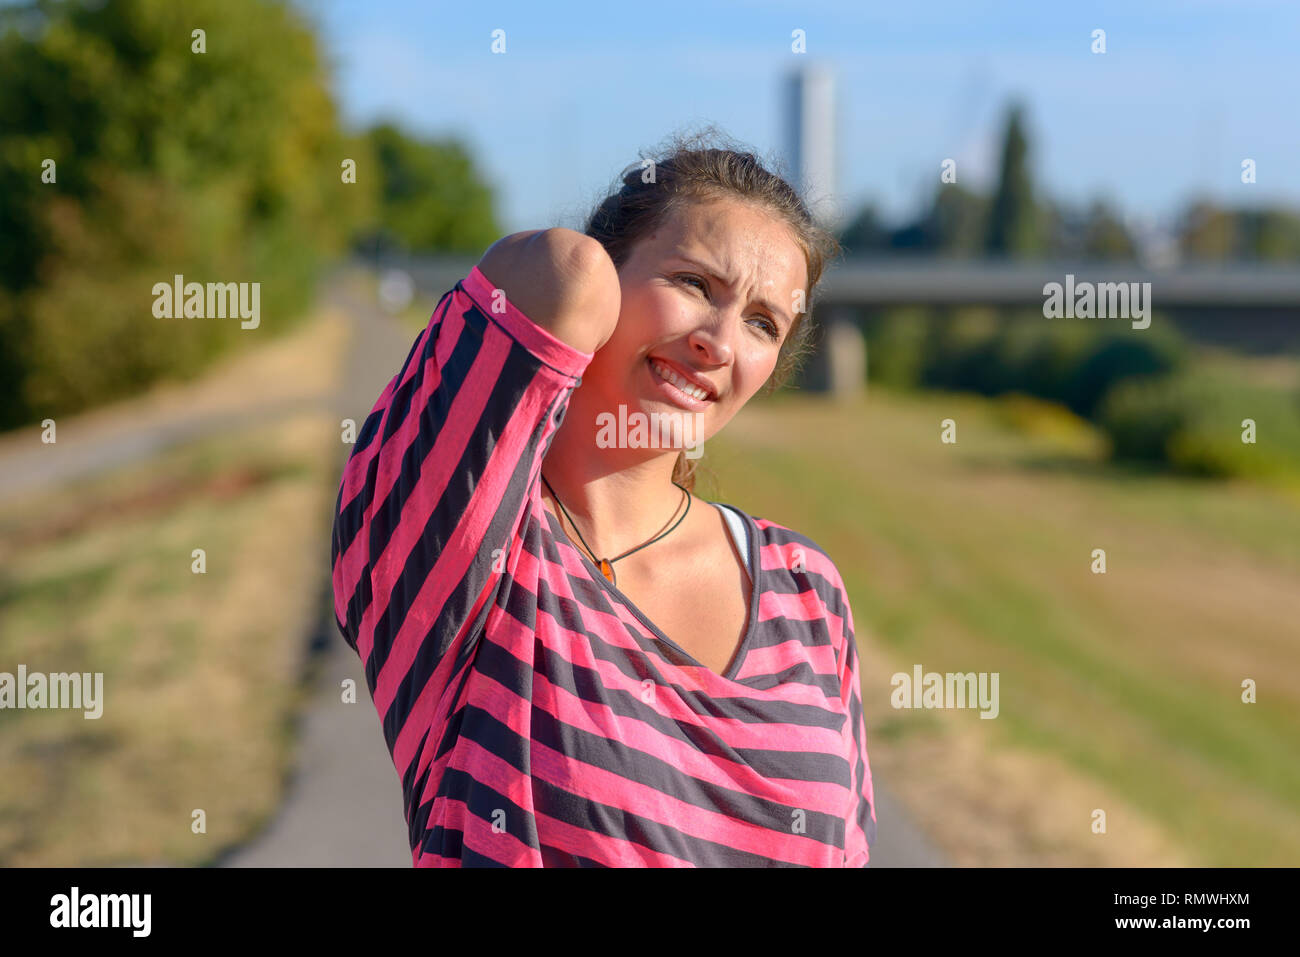 Junge Frau Joggen leidet eine Muskelverletzung stehend hält Hals und unteren zurück, während verzog das Gesicht vor Schmerzen auf der Landstraße, Oberkörper hautnah Stockbild